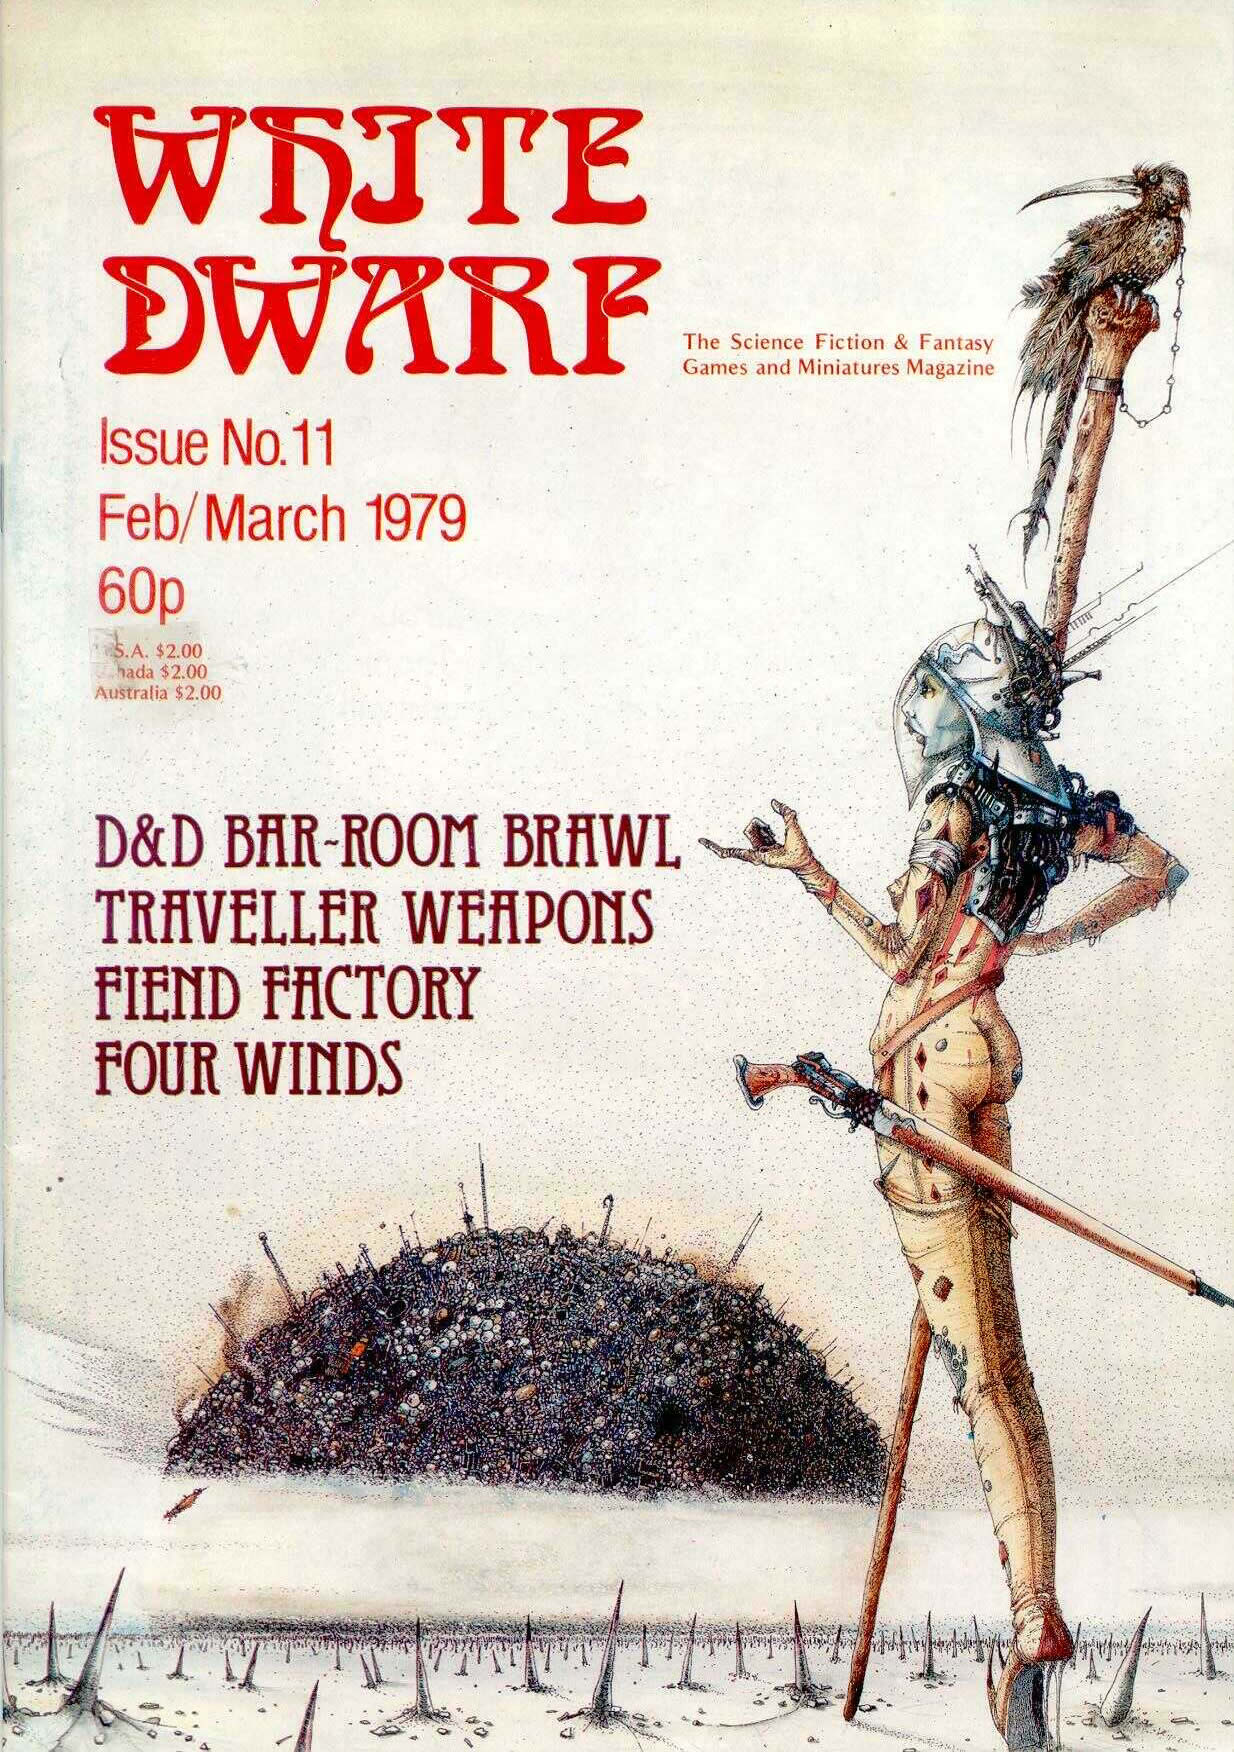 White Dwarf 11